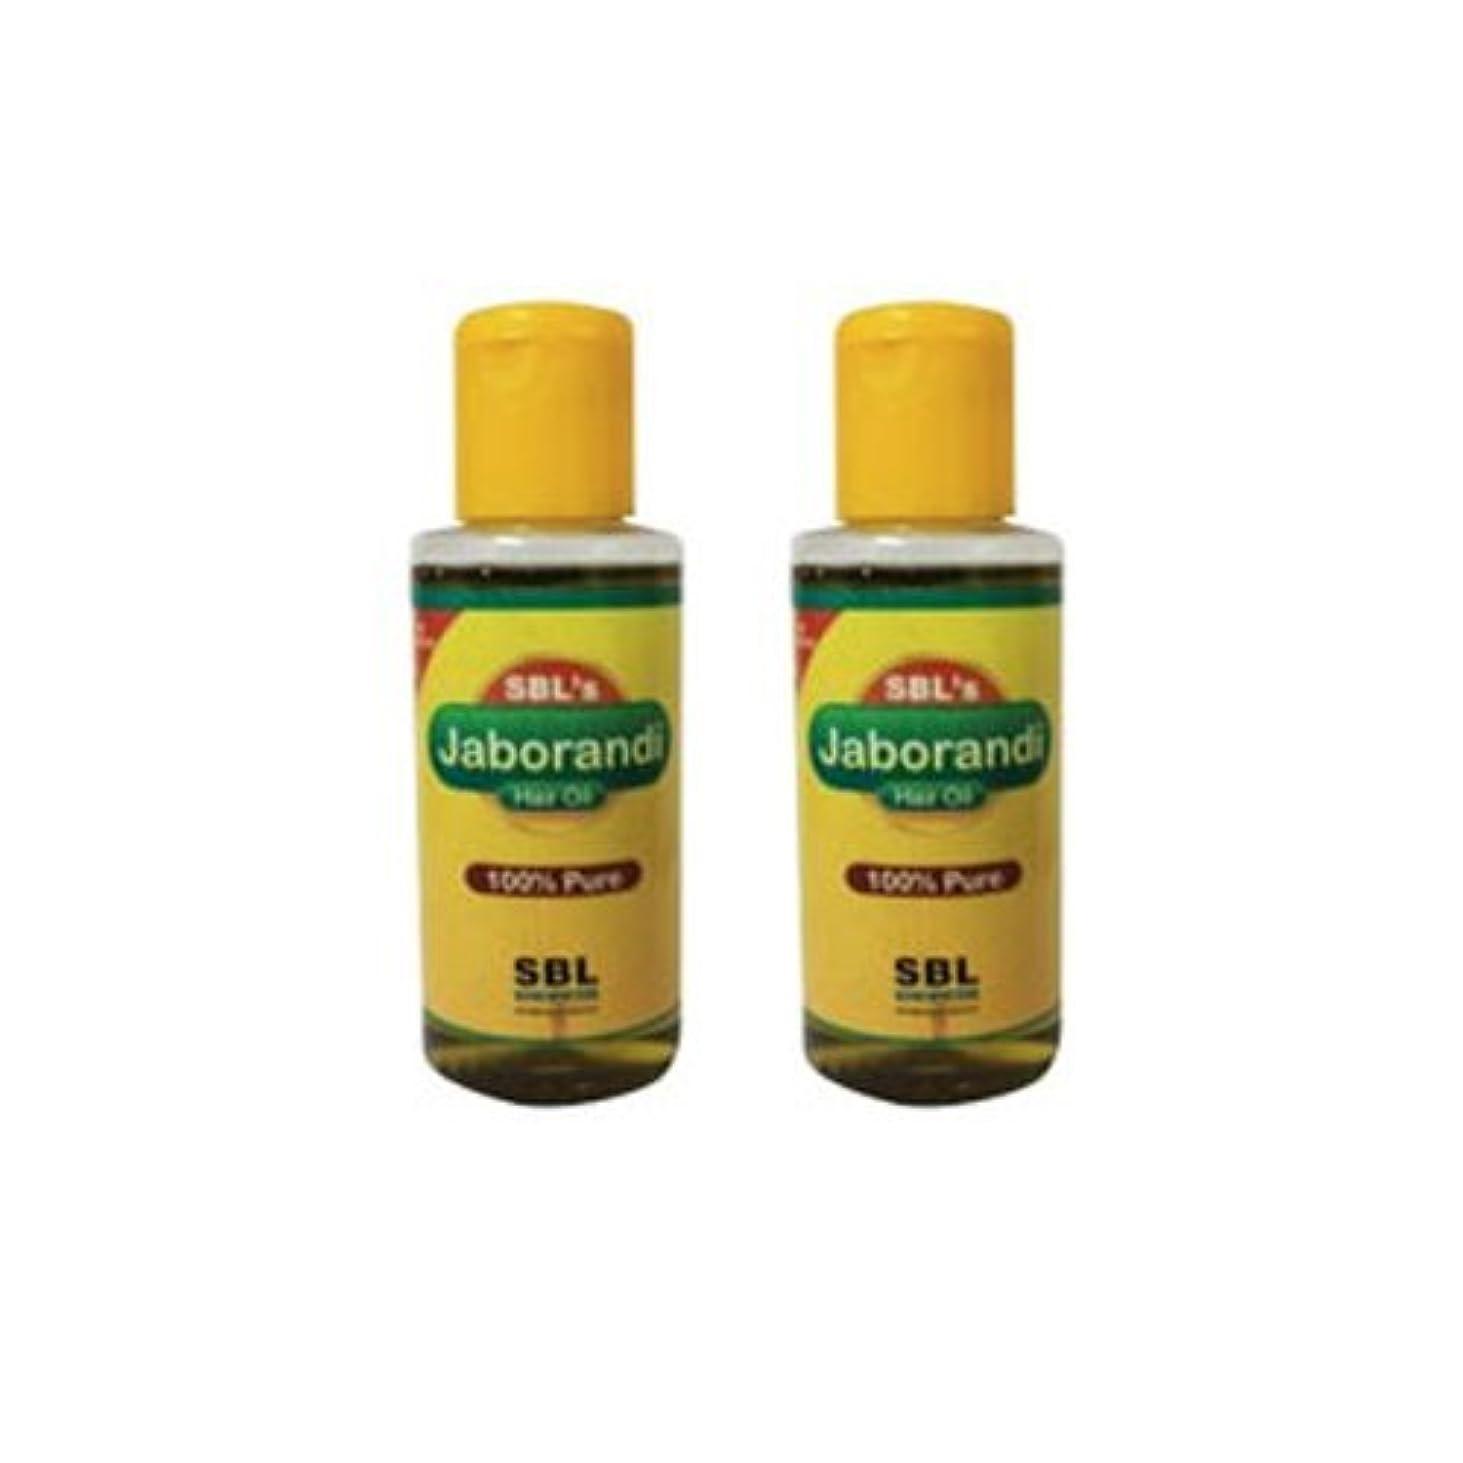 環境に優しいカニスクラップブック2 x Jaborandi Hair Oil. Shipping Only By - USPS / FedEX by SBL